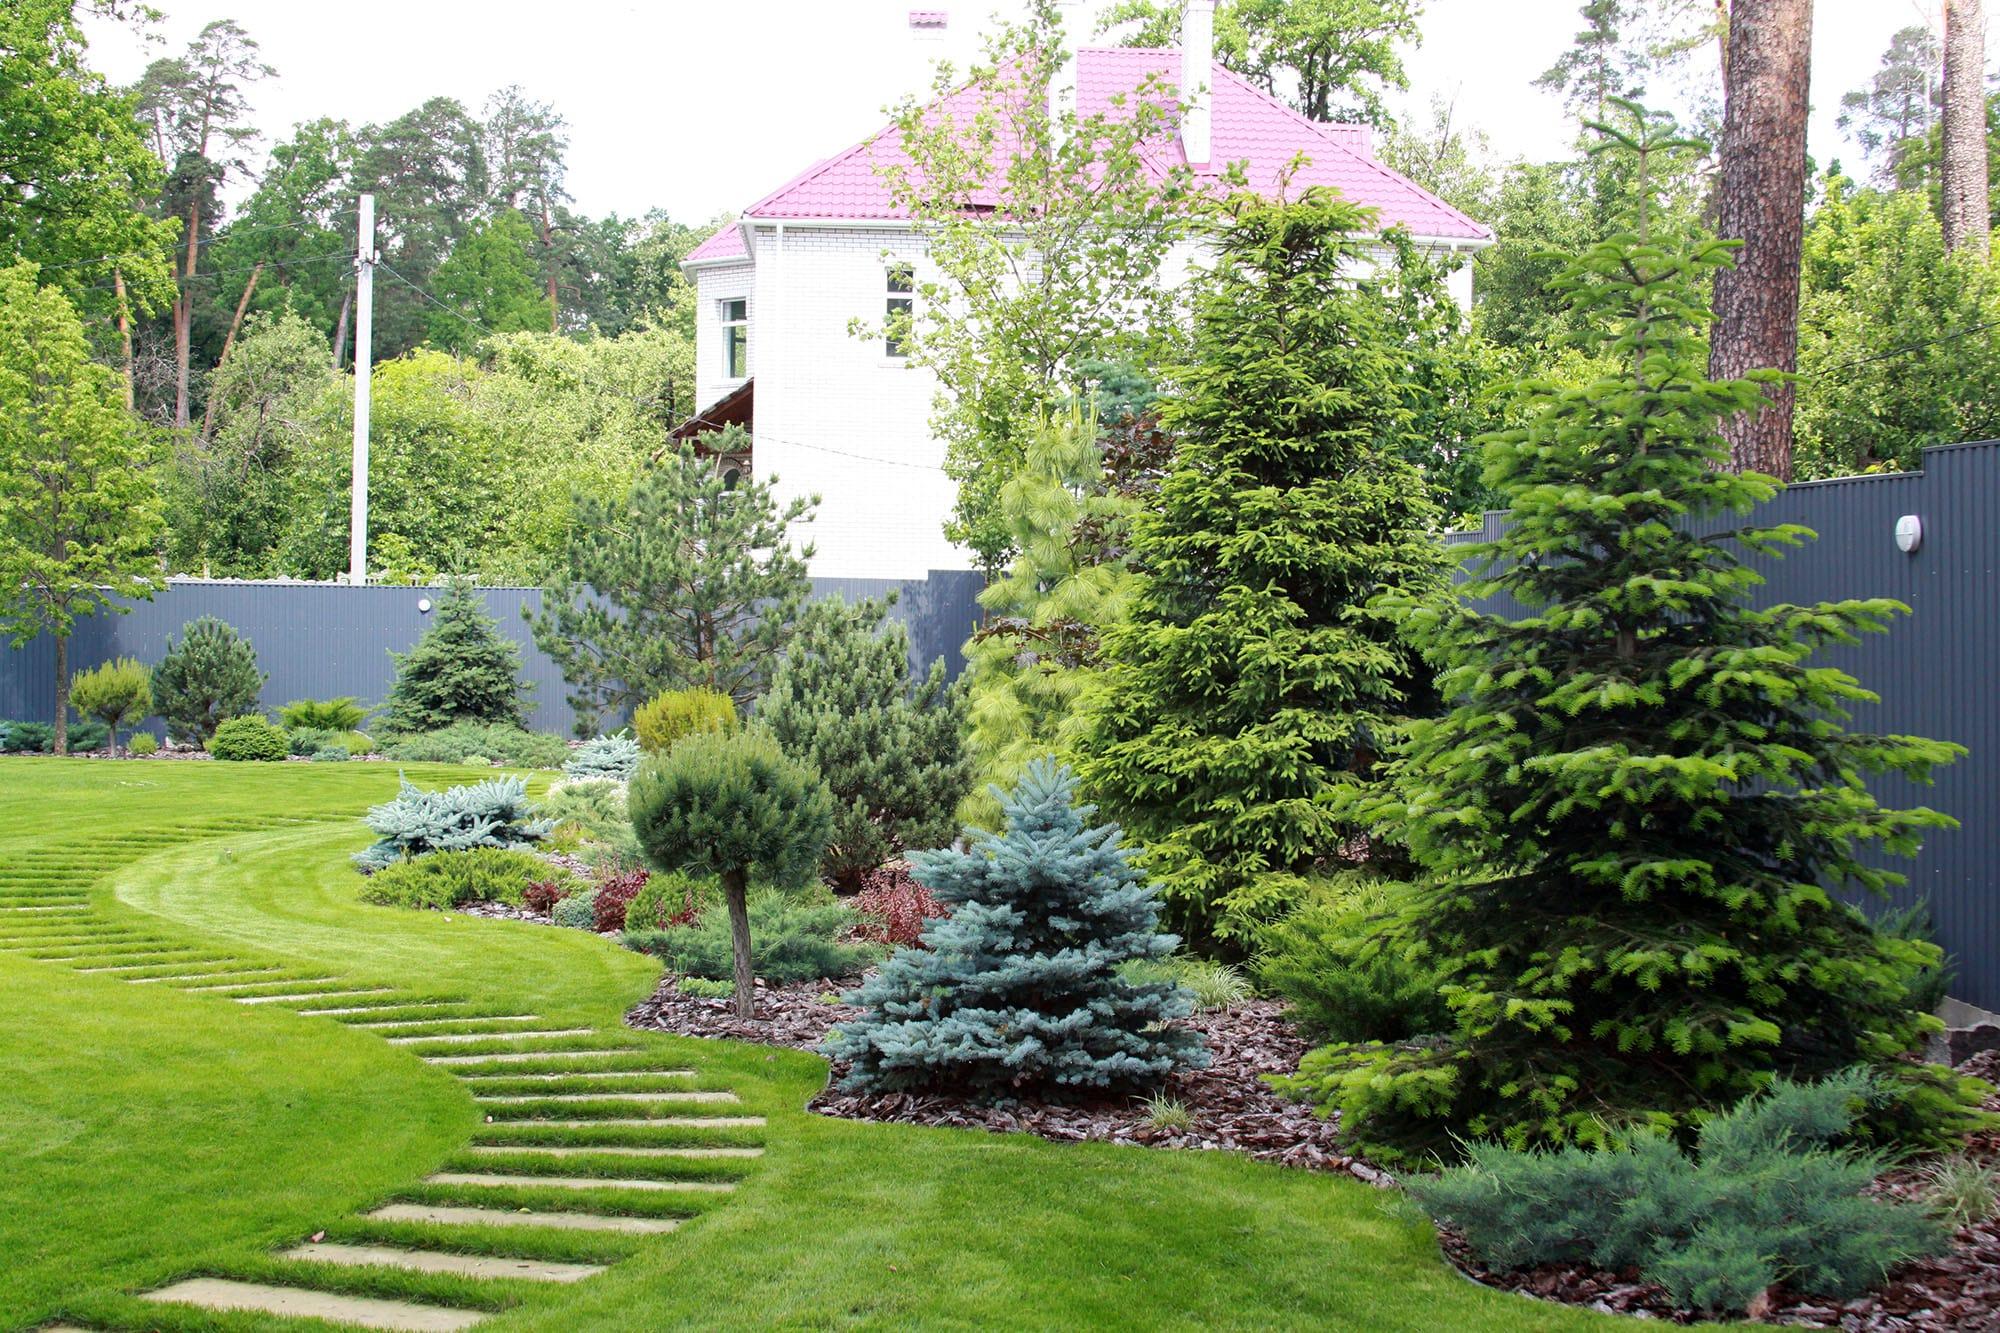 Ландшафтный дизайн садового участка: эко-дорожка и ели